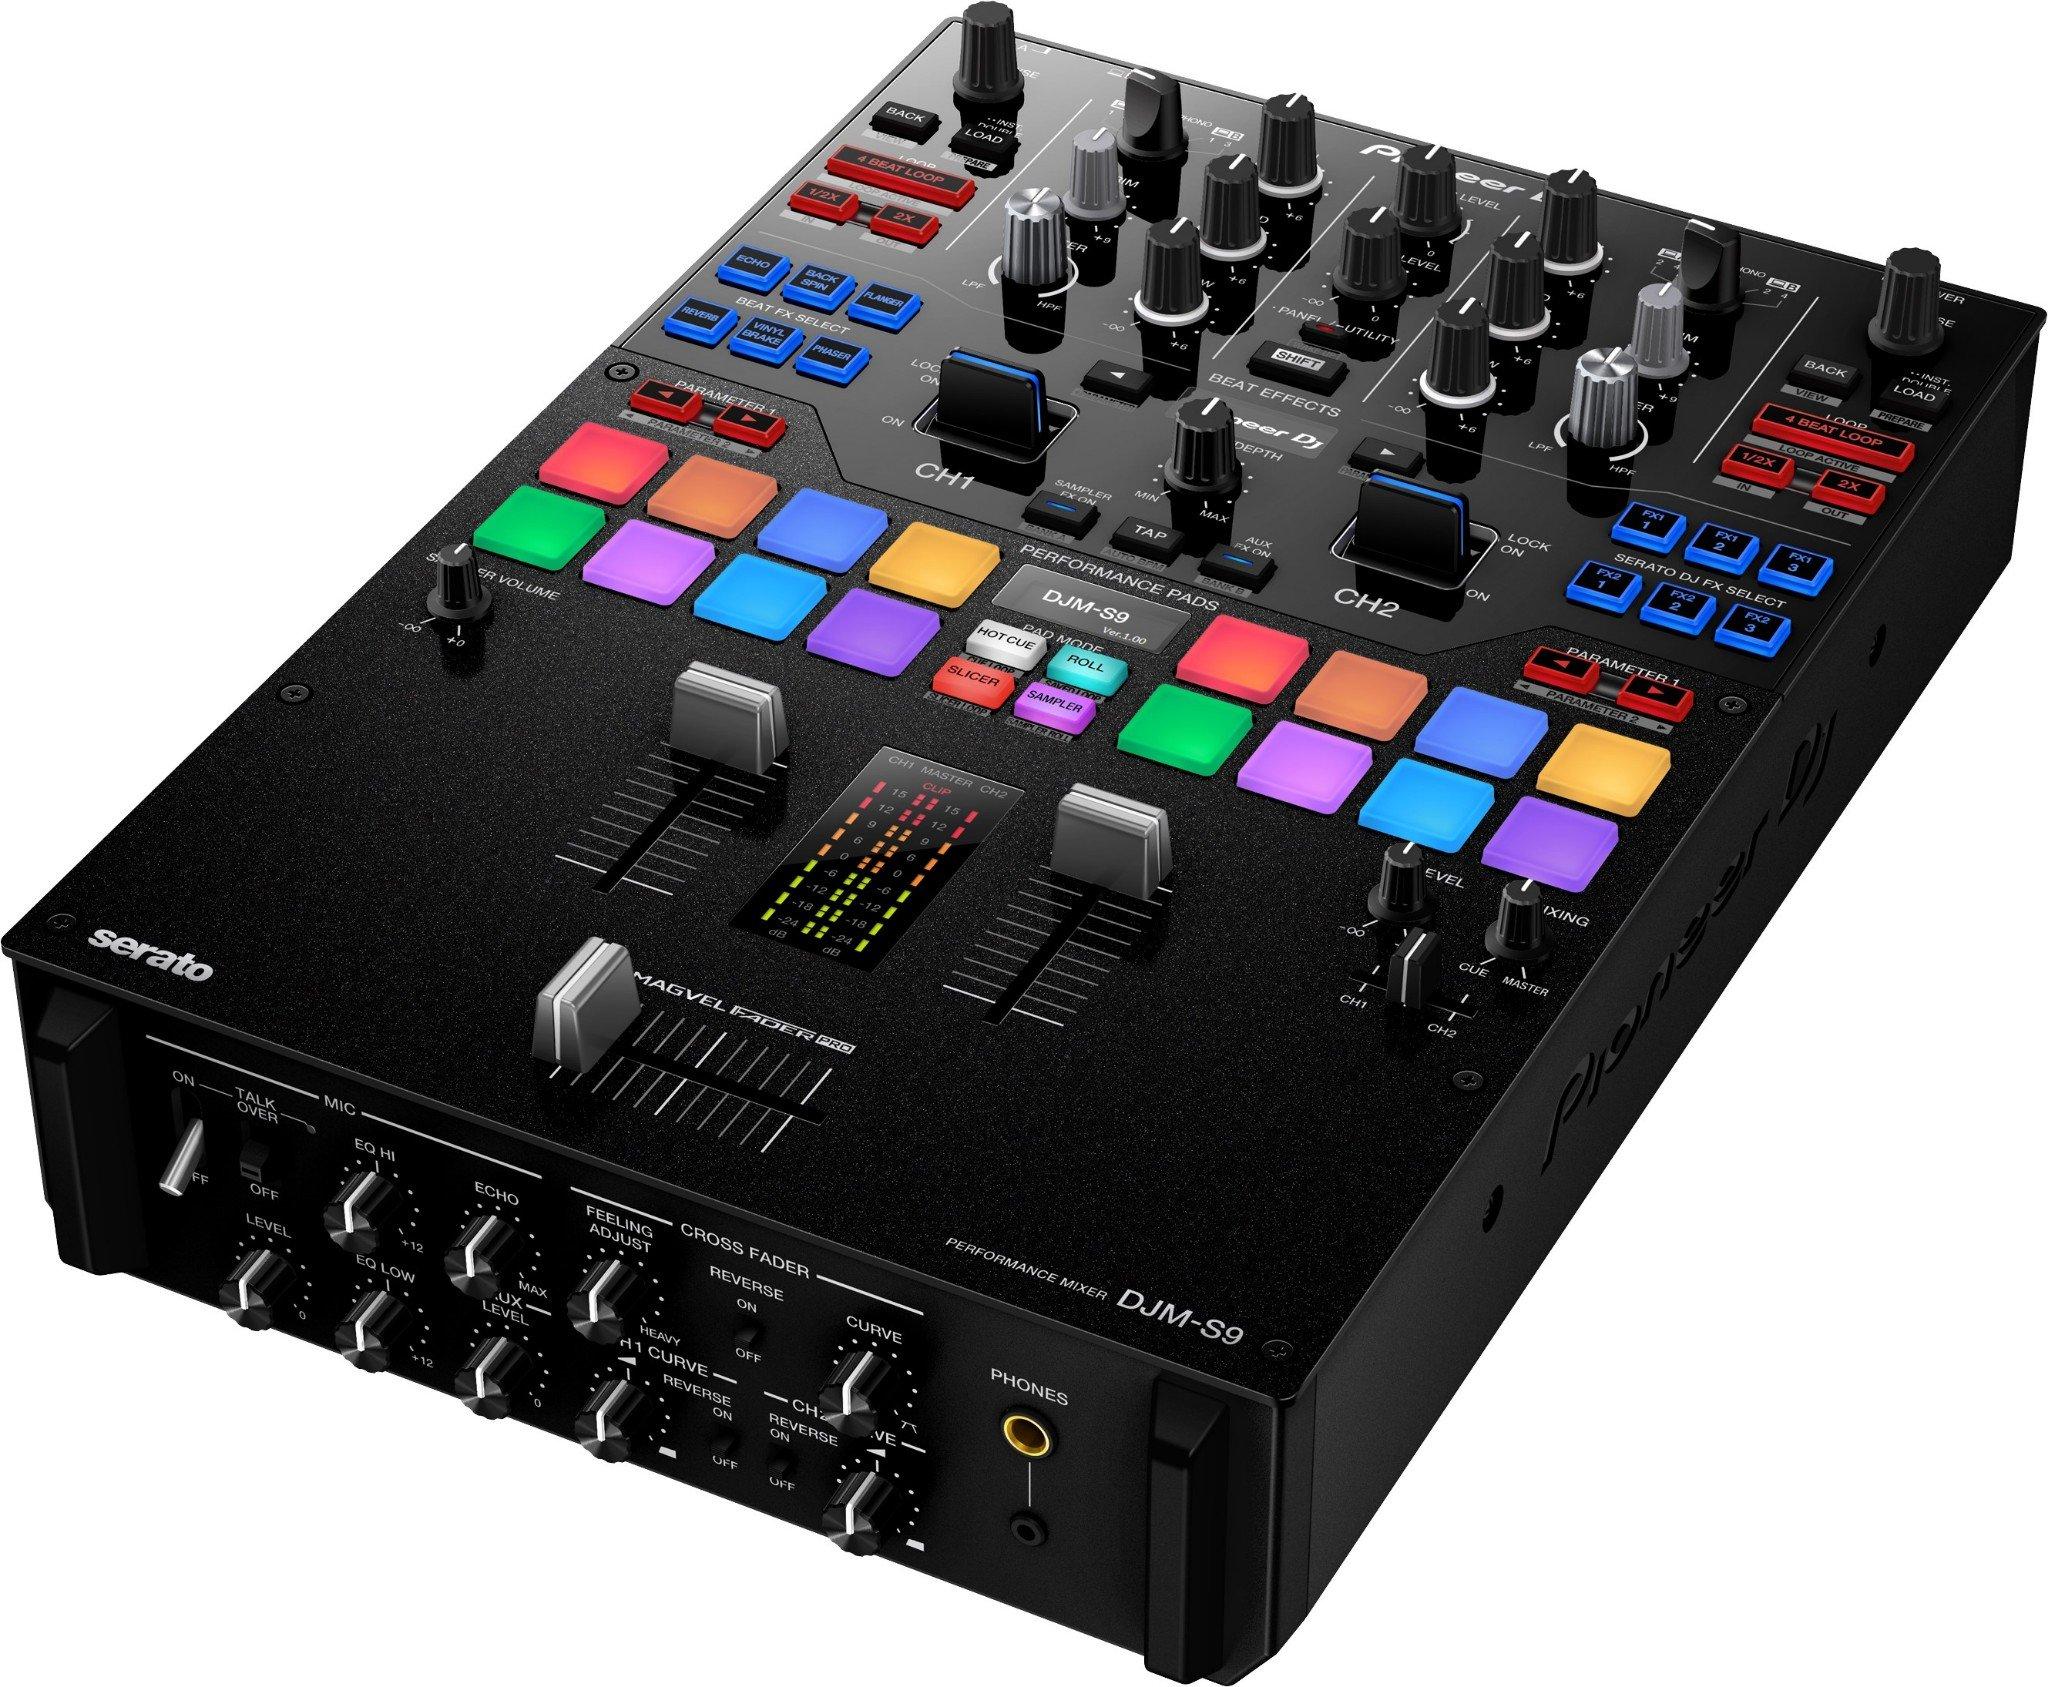 DJM – S9